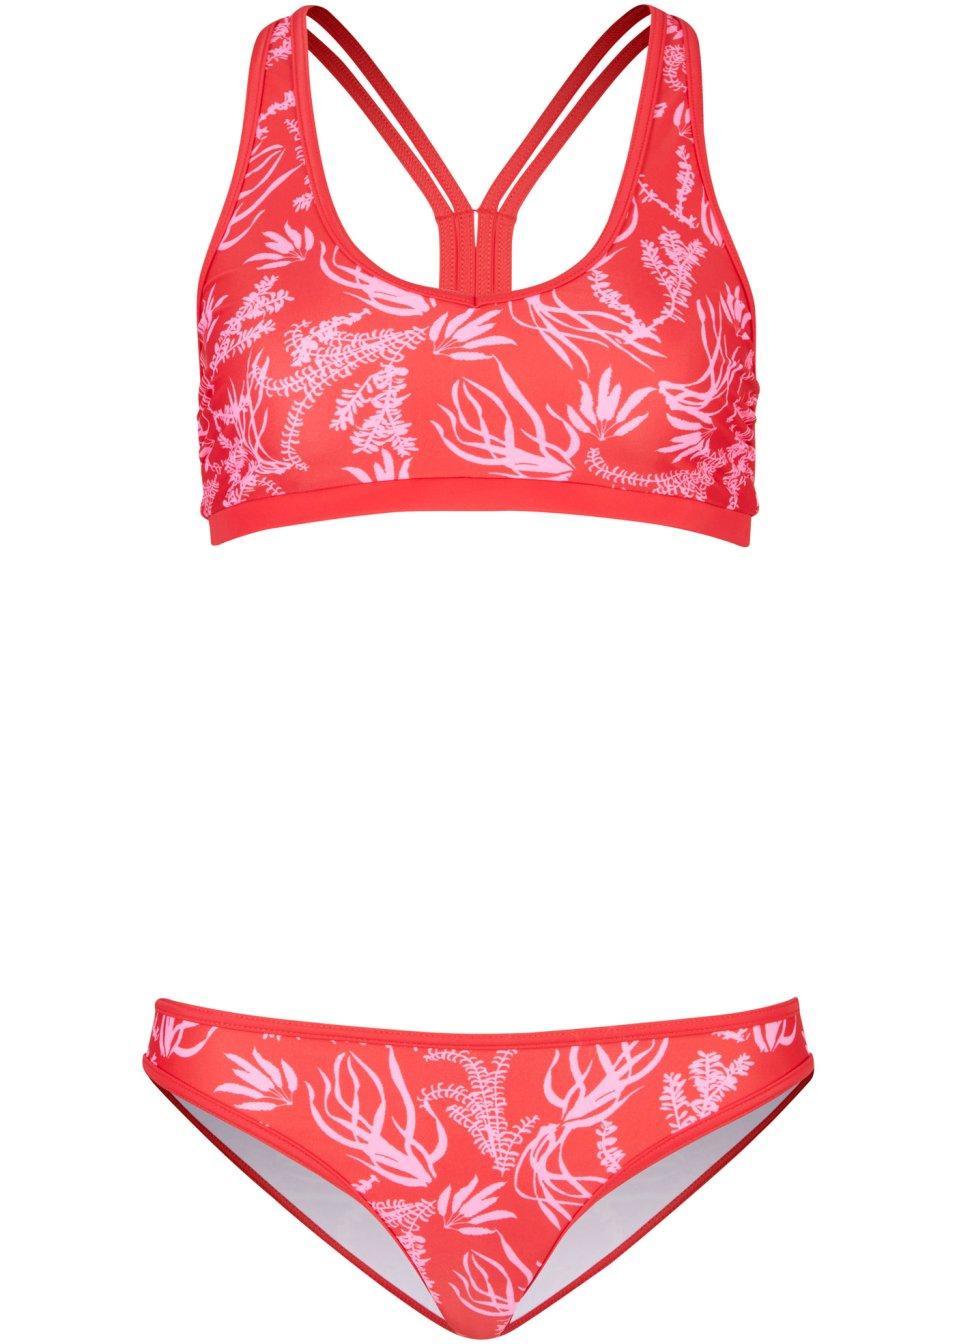 Schöner Bustier Bikini mit Ringerrücken - rot/pink 9ZdyX WVAIV